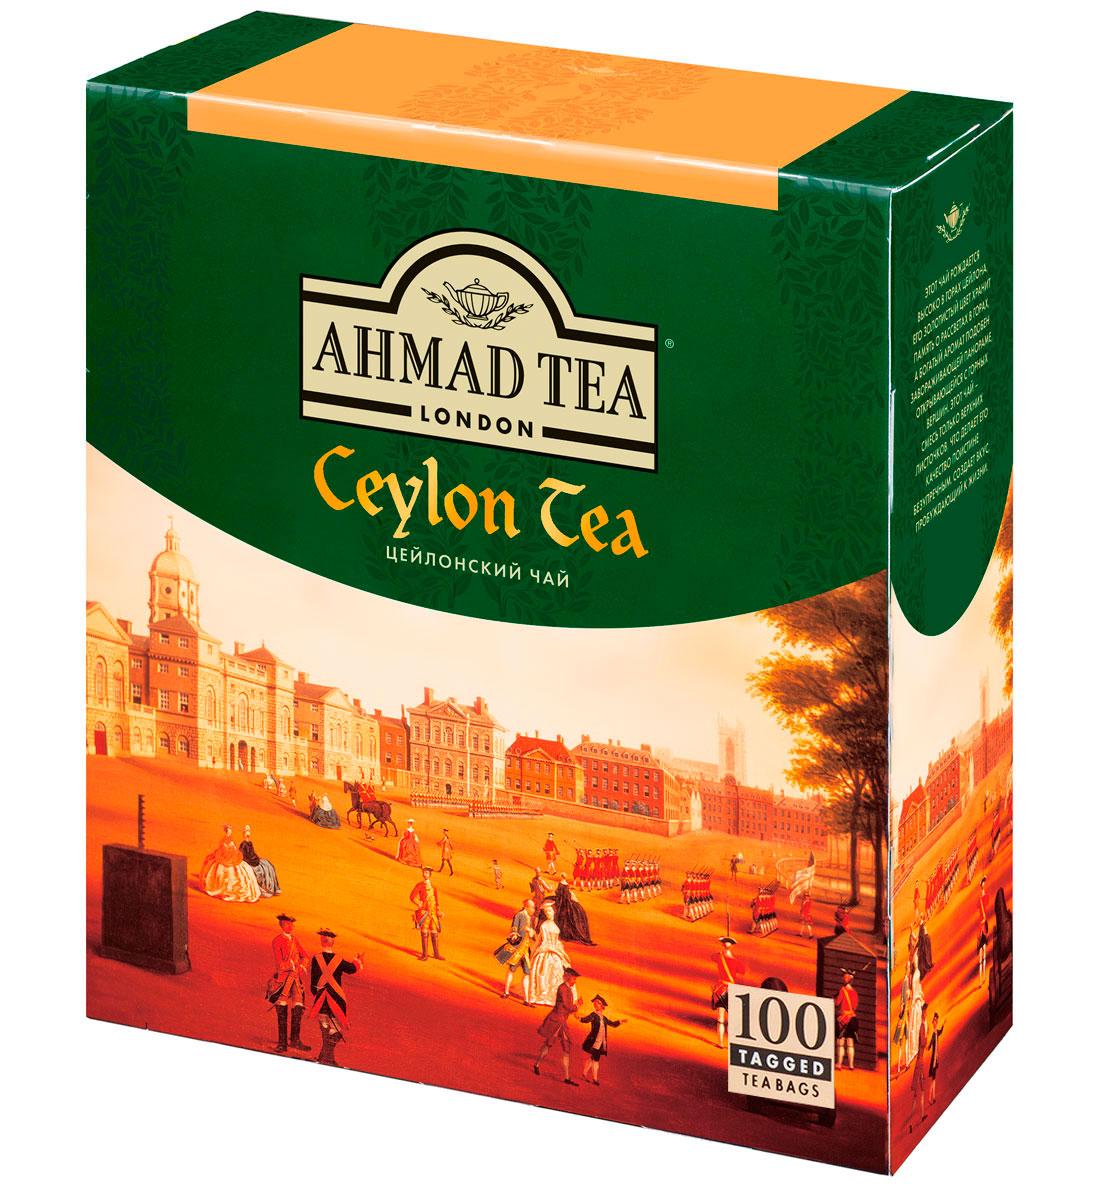 Ahmad Tea Ceylon Tea черный чай в пакетиках, 100 шт163Ahmad Ceylon Tea рождается высоко в горах Цейлона. Его золотистый цвет хранит память о рассветах в горах, а богатый аромат подобен завораживающей панораме, открывающейся с горных вершин. Этот чай - смесь только верхних листочков, что делает его качество поистине безупречным. Создает вкус, пробуждающий к жизни. Заваривать 3-5 минут, температура воды 100° С.